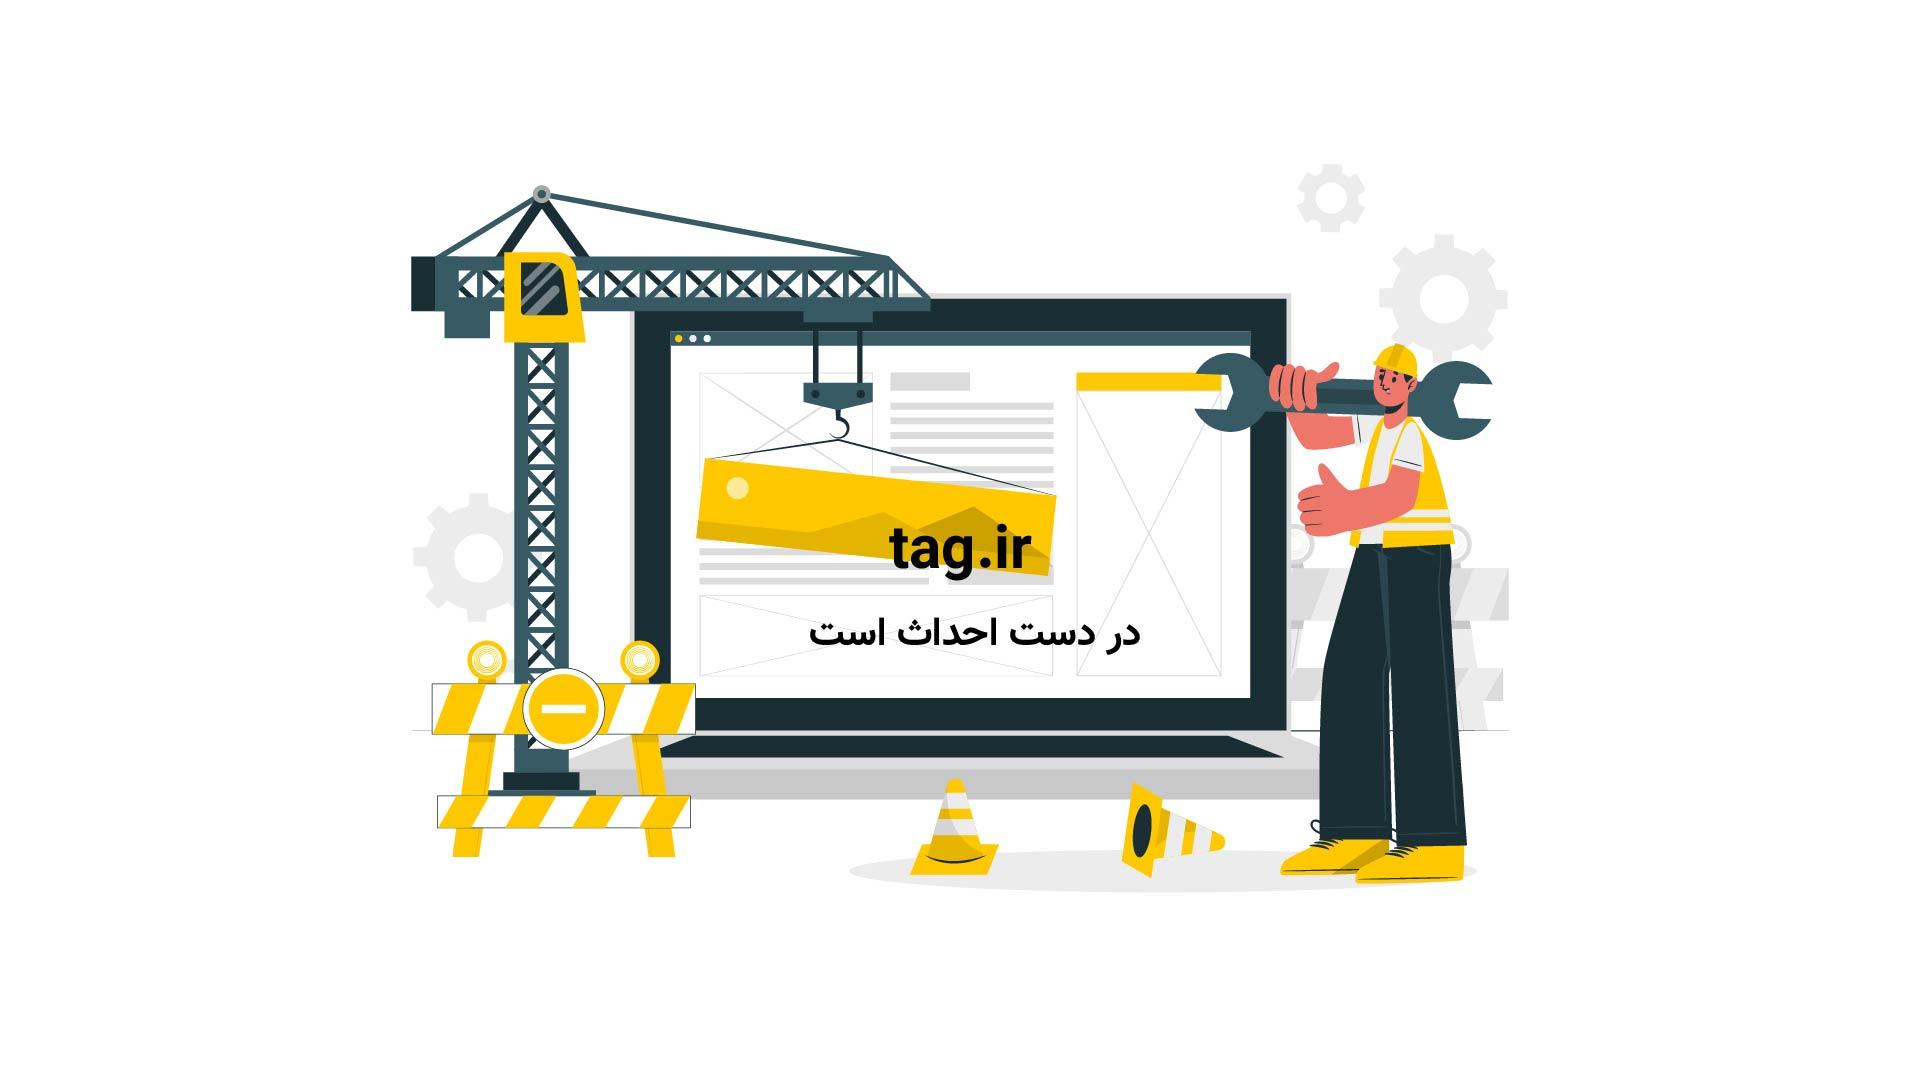 خانم خبرنگار لگد زن مجارستانی